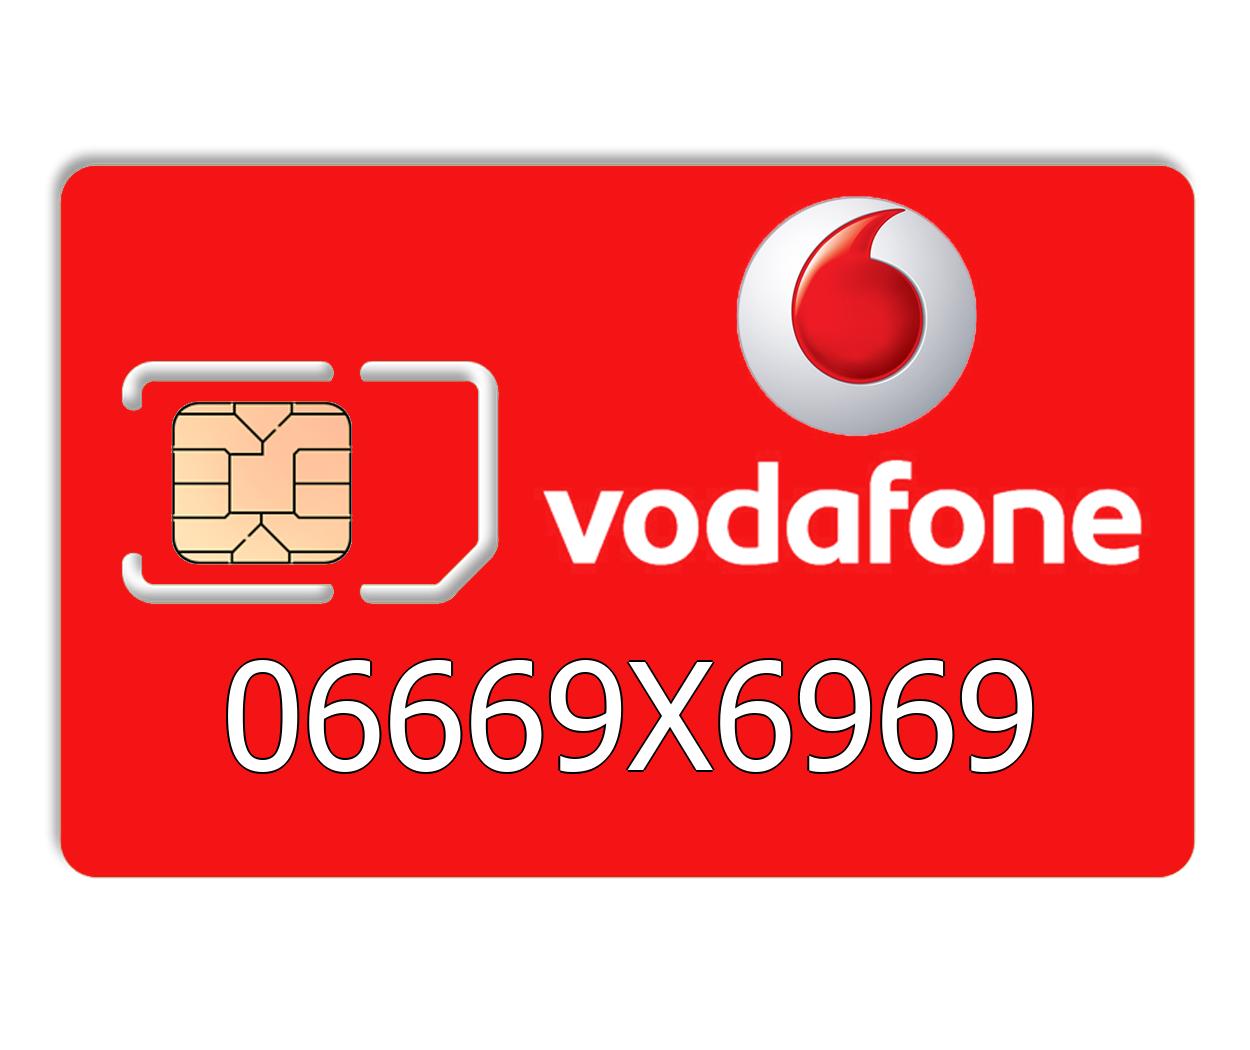 Красивый номер Vodafone 06669X6969